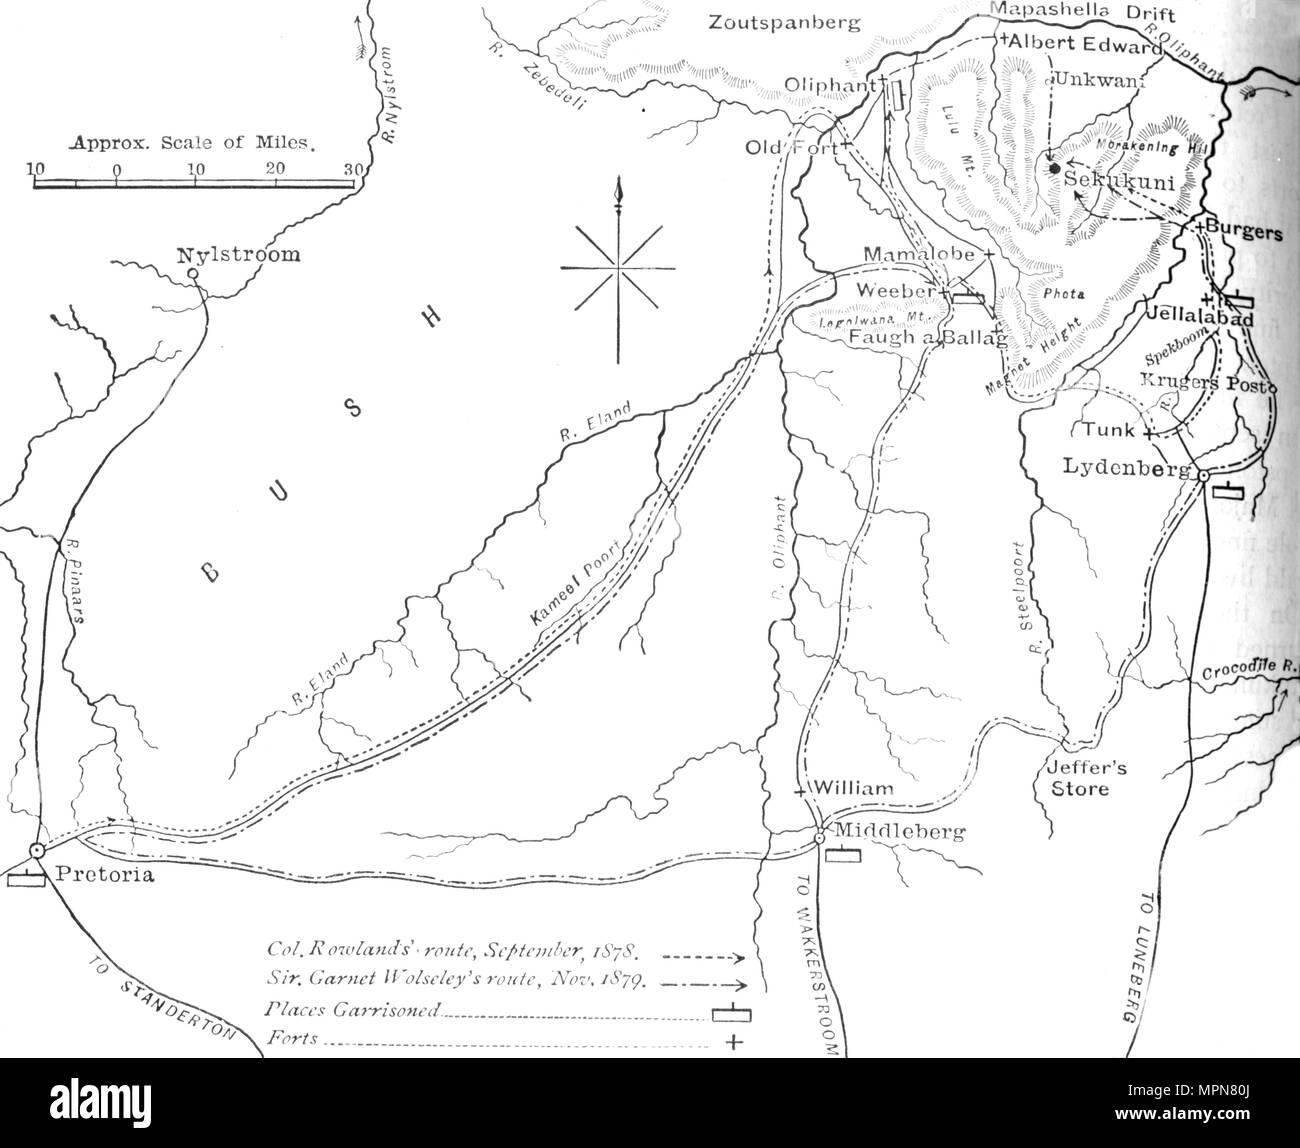 'Sketch Mappa di Sekukuni paese dell', C1880. Artista: sconosciuto. Immagini Stock